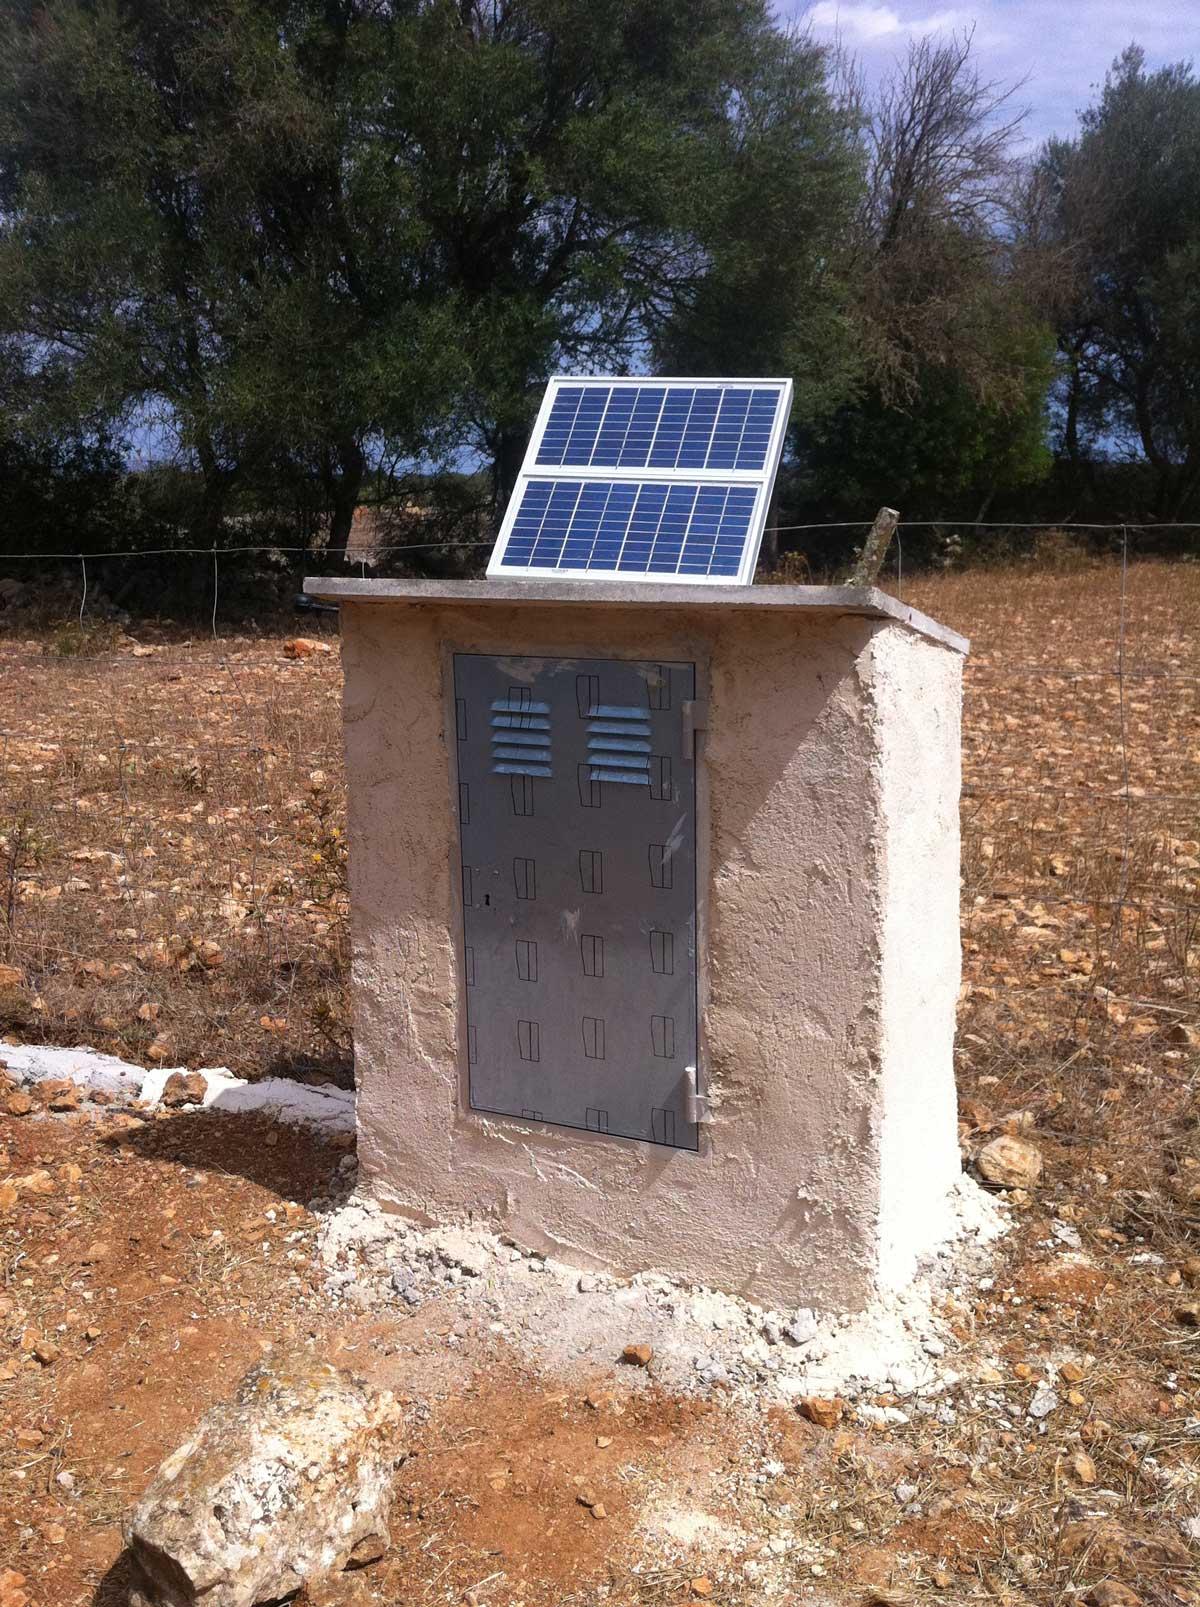 Placas solaresinselpol inselpol - Instalar placas solares en casa ...